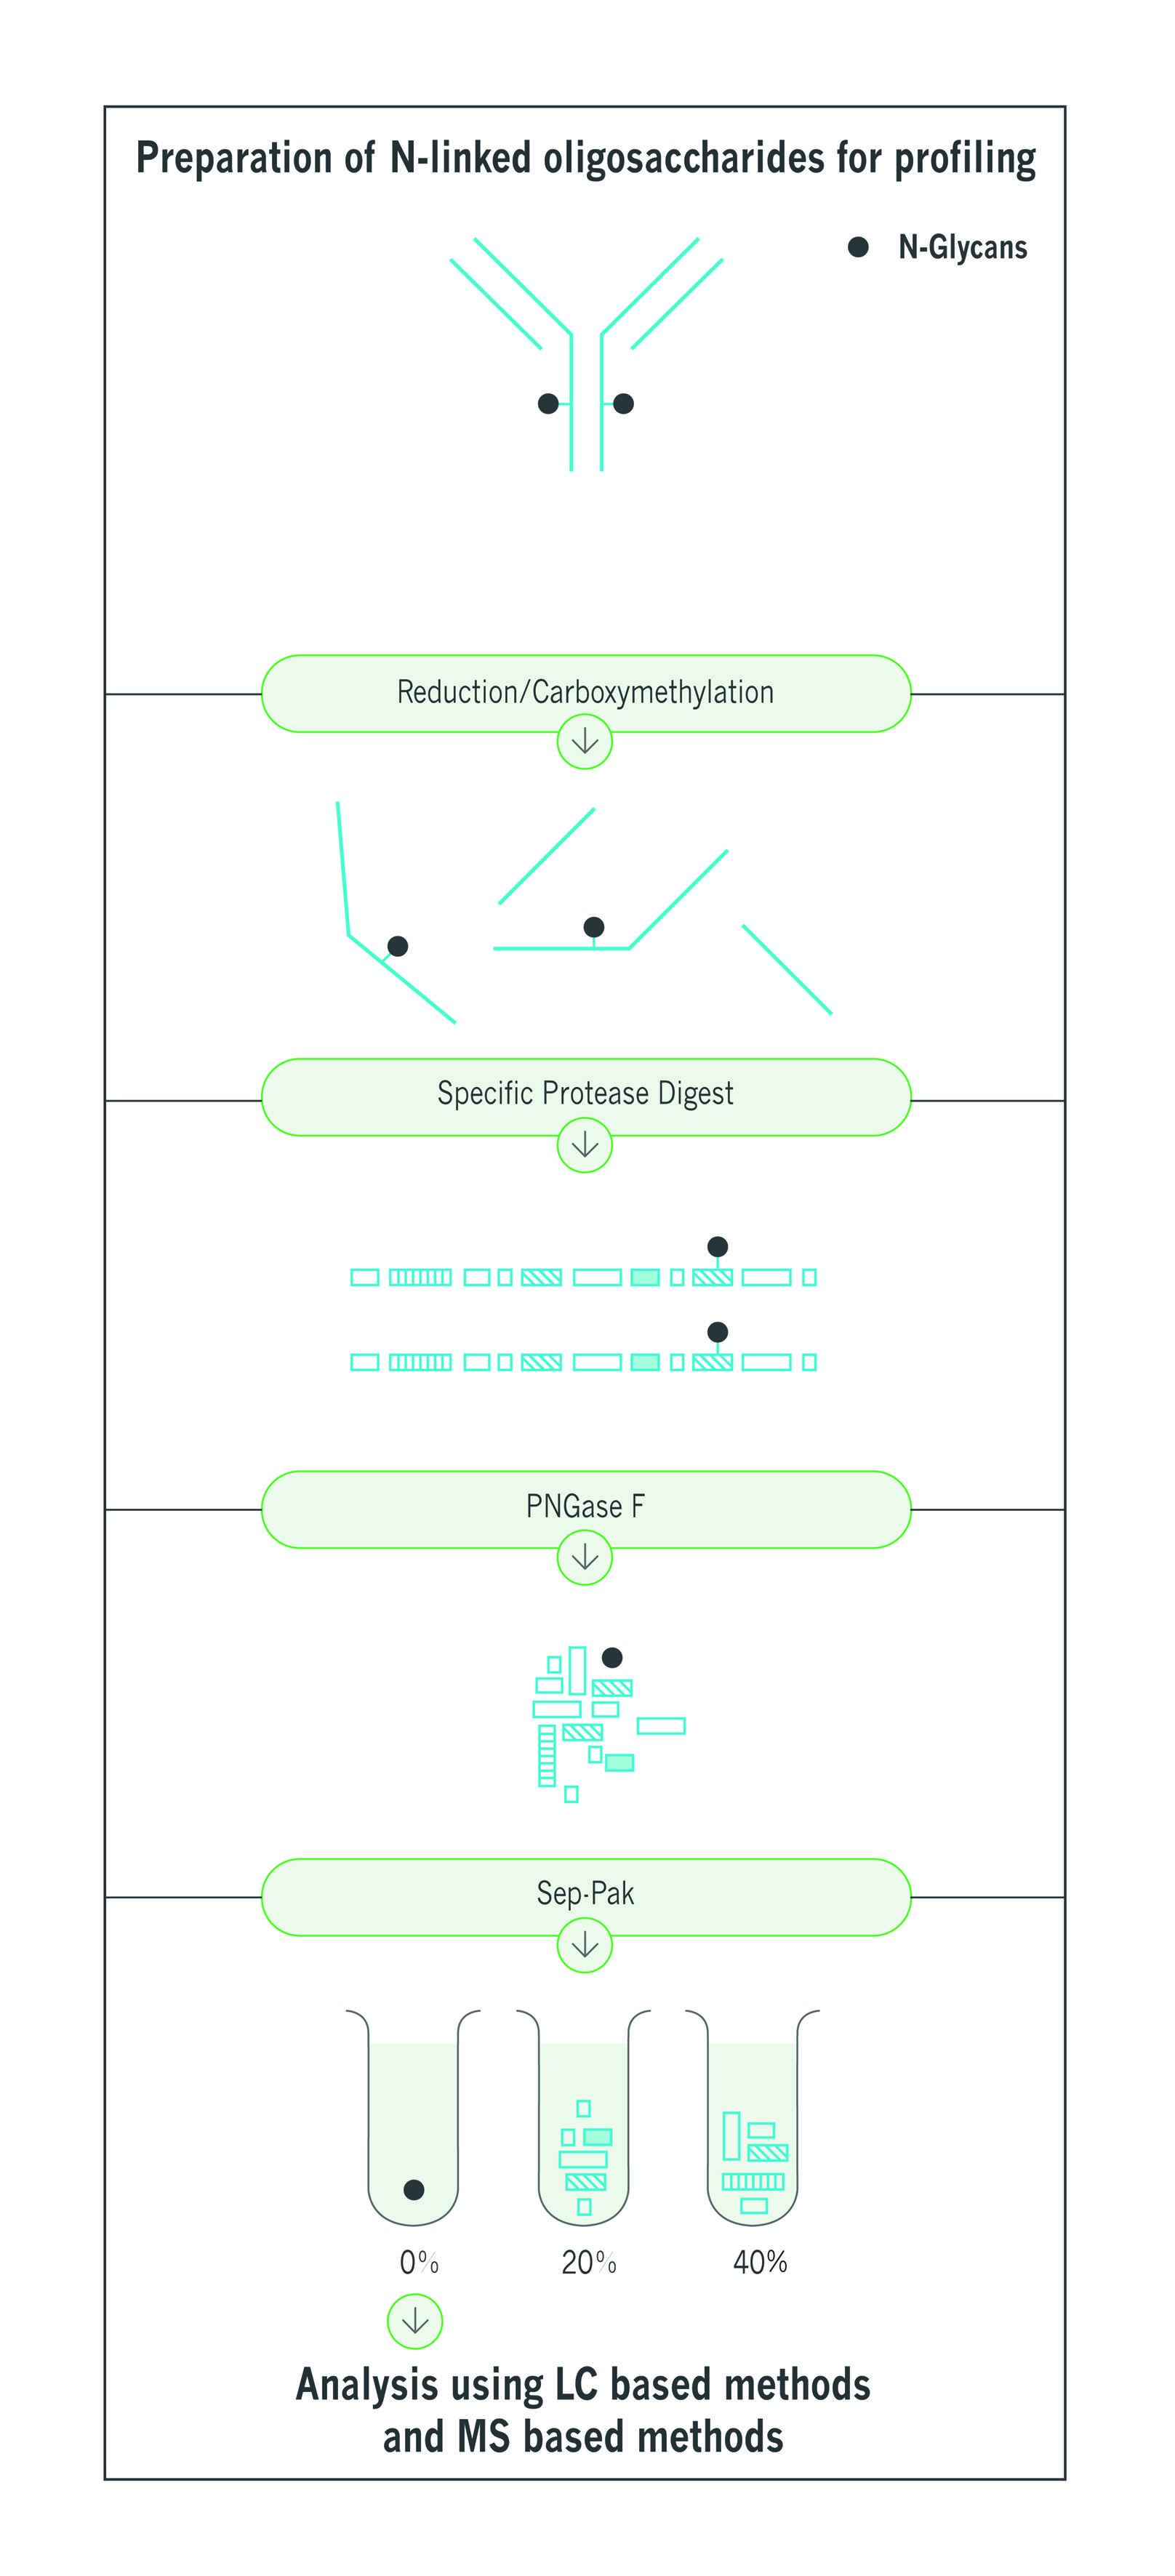 Prep pf N-linked